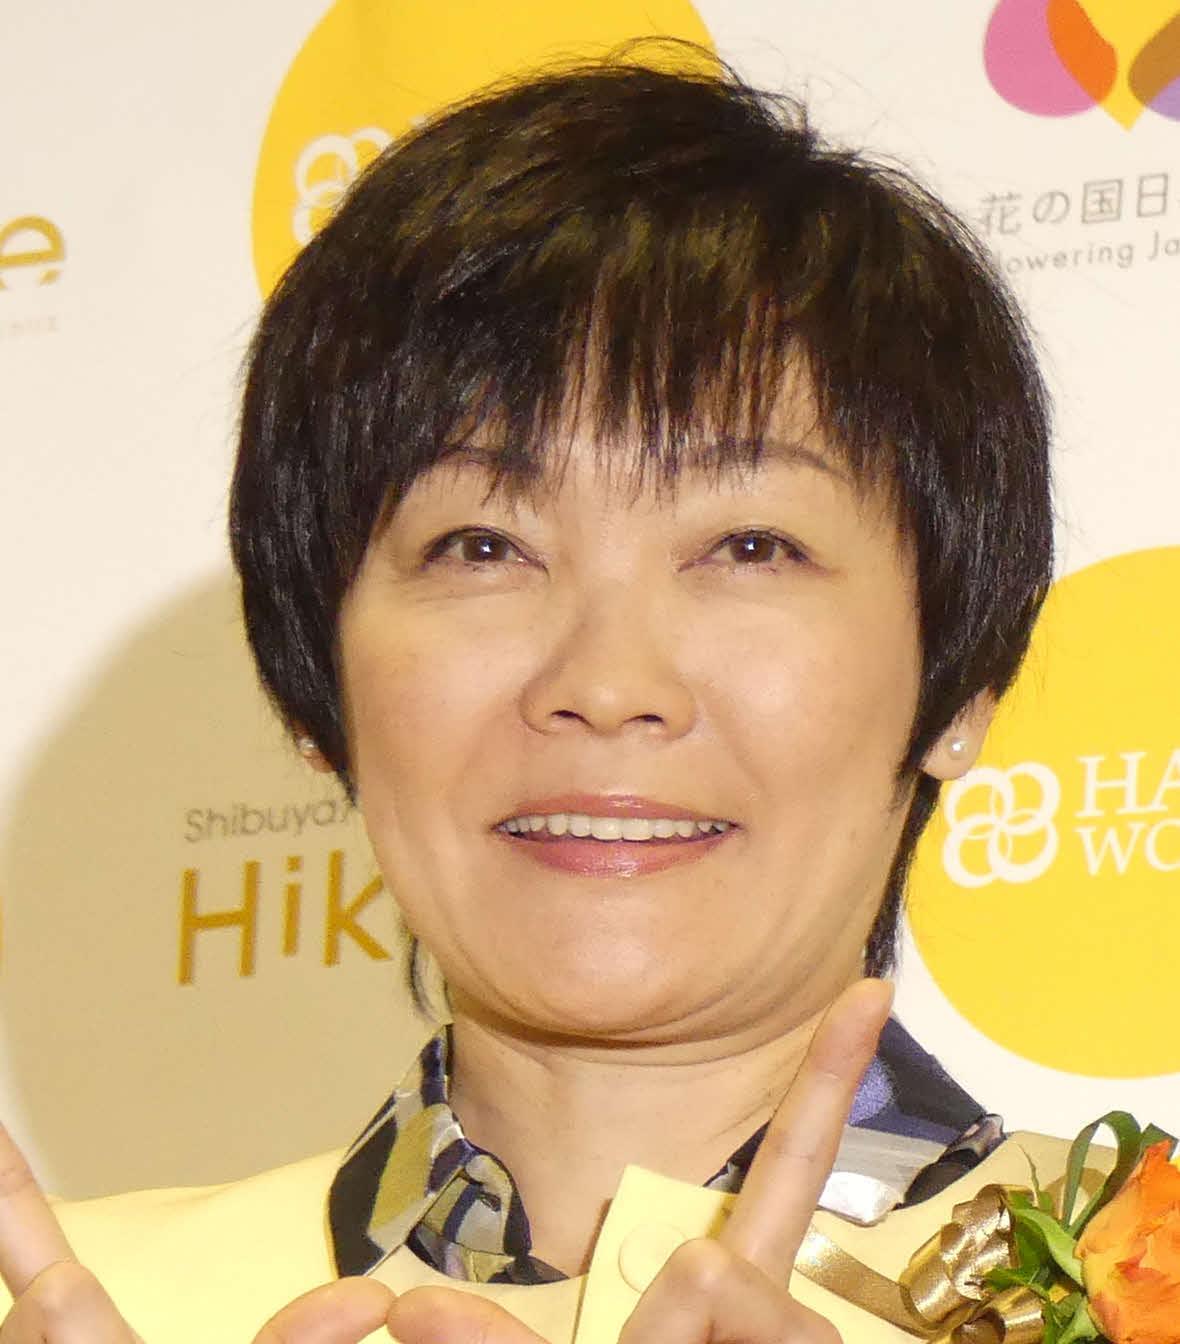 安倍昭恵さん(2017年3月8日撮影)